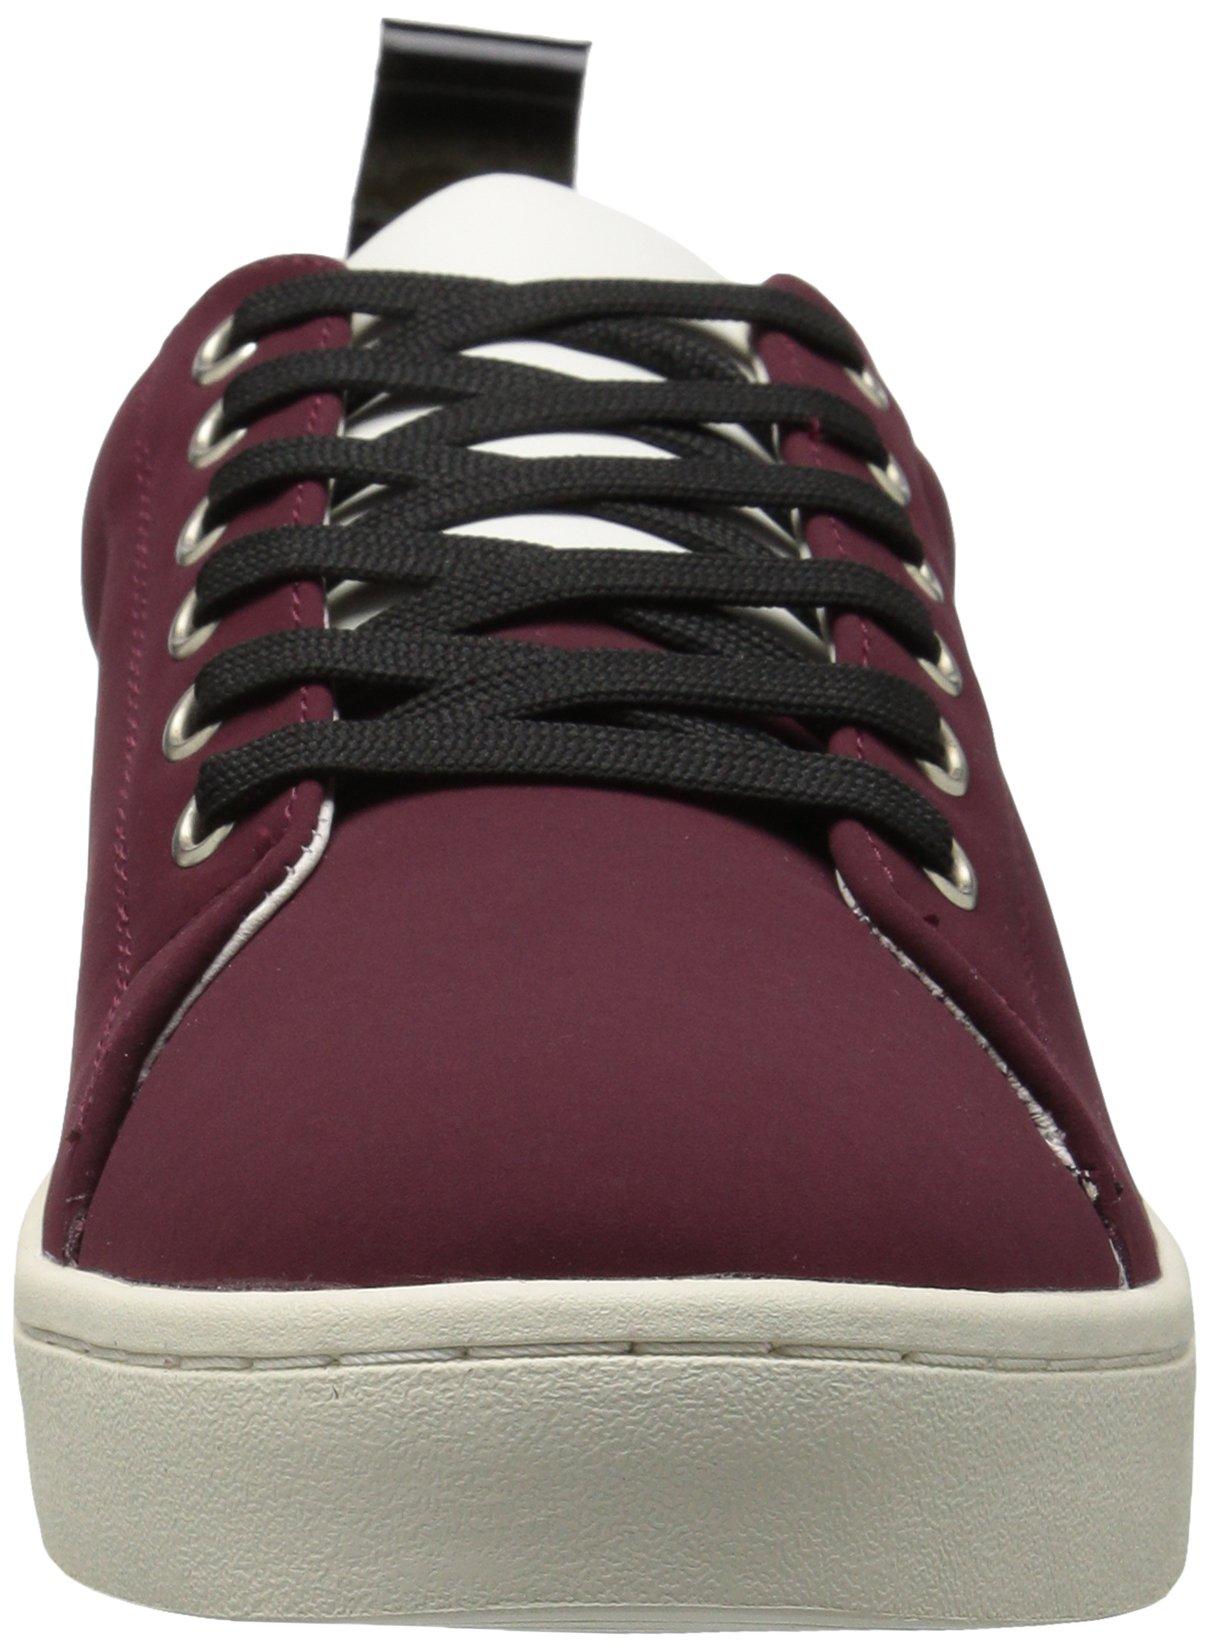 FLY London Women's MACO833FLY Sneaker, Bordeaux/Black Nubuck/Patent, 37 M EU (6.5-7 US) by FLY London (Image #4)